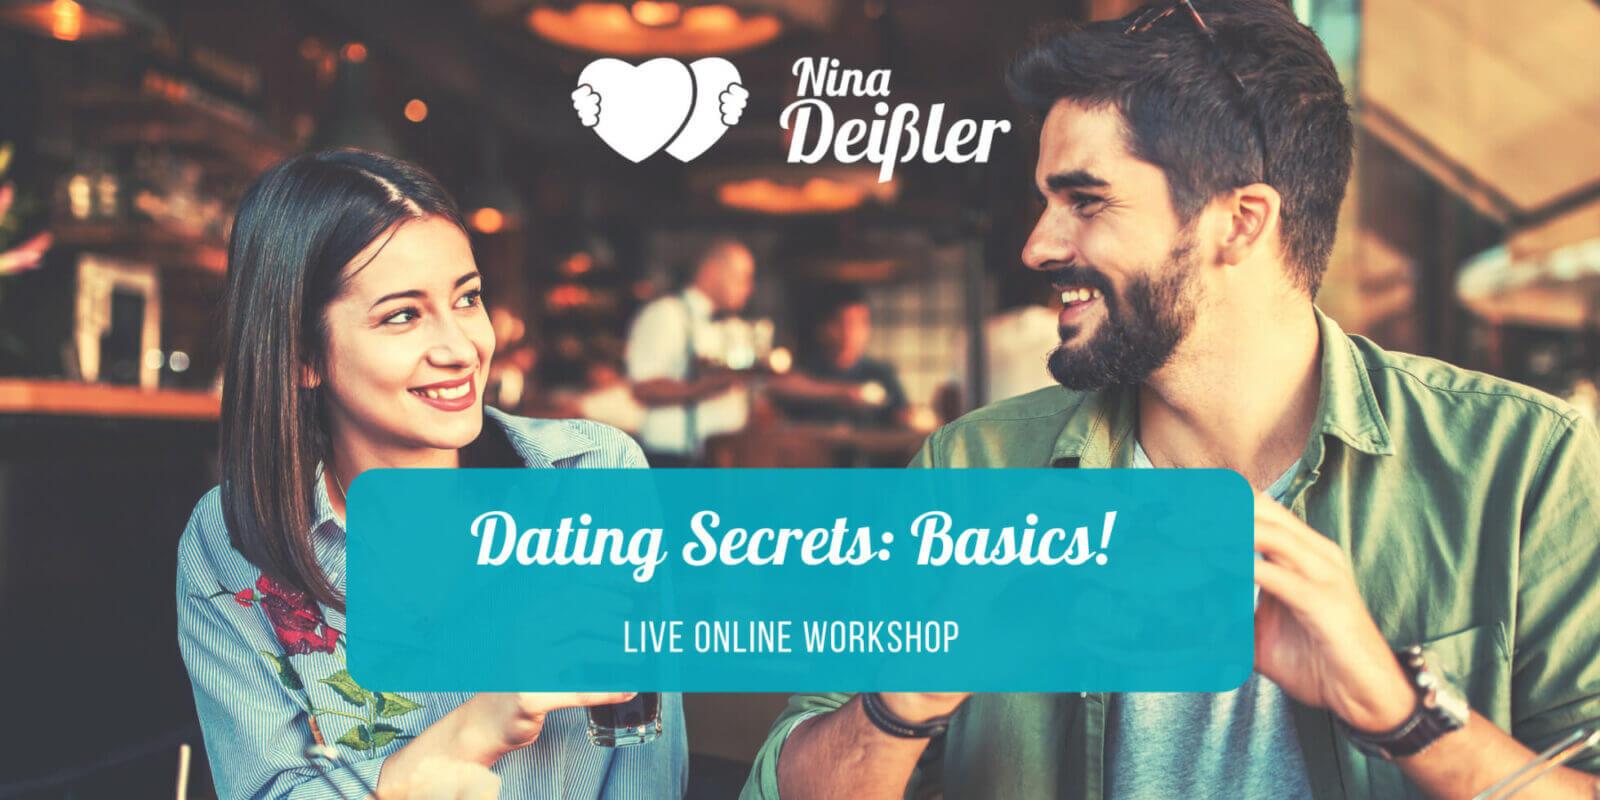 Dating Secrets – der live Online-Workshop für besseres Kennenlernen